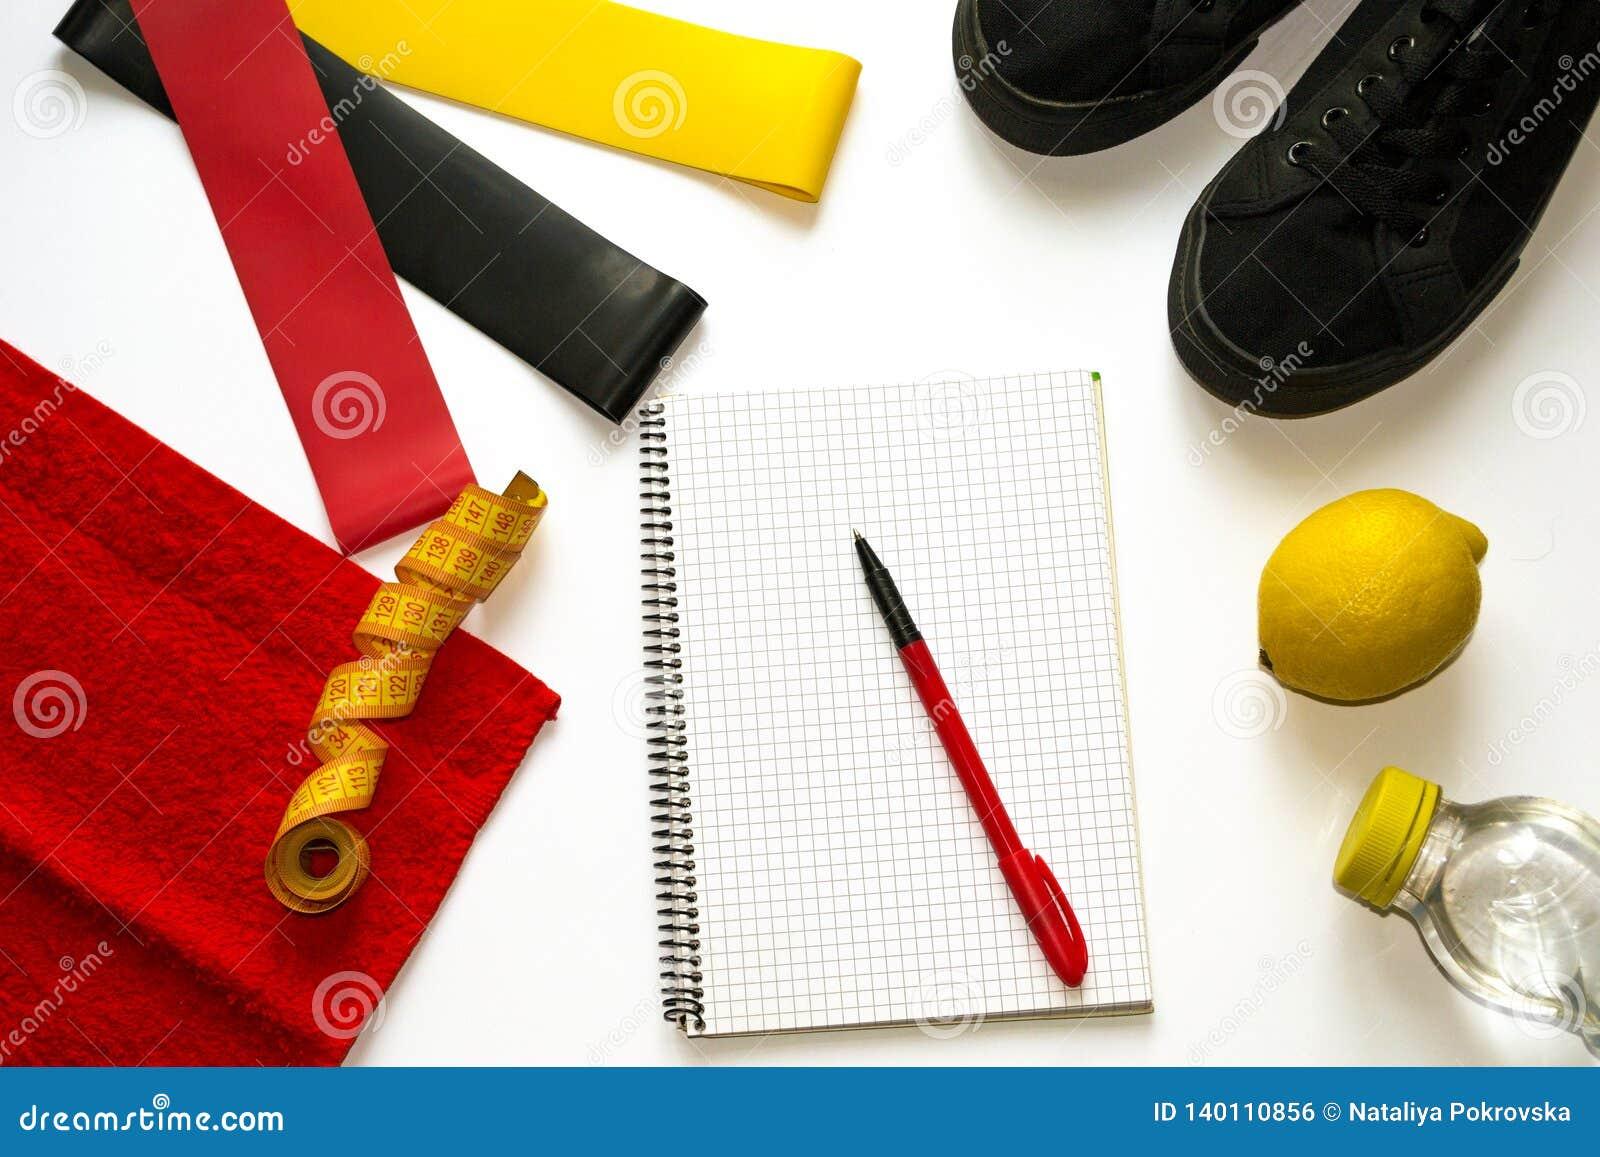 Σύνθεση ικανότητας γυναικών με τους ελαστικούς αποσυμπιεστές γόμμας, πάνινα παπούτσια, σημειωματάριο, παν, νωποί καρποί, λεμόνι,